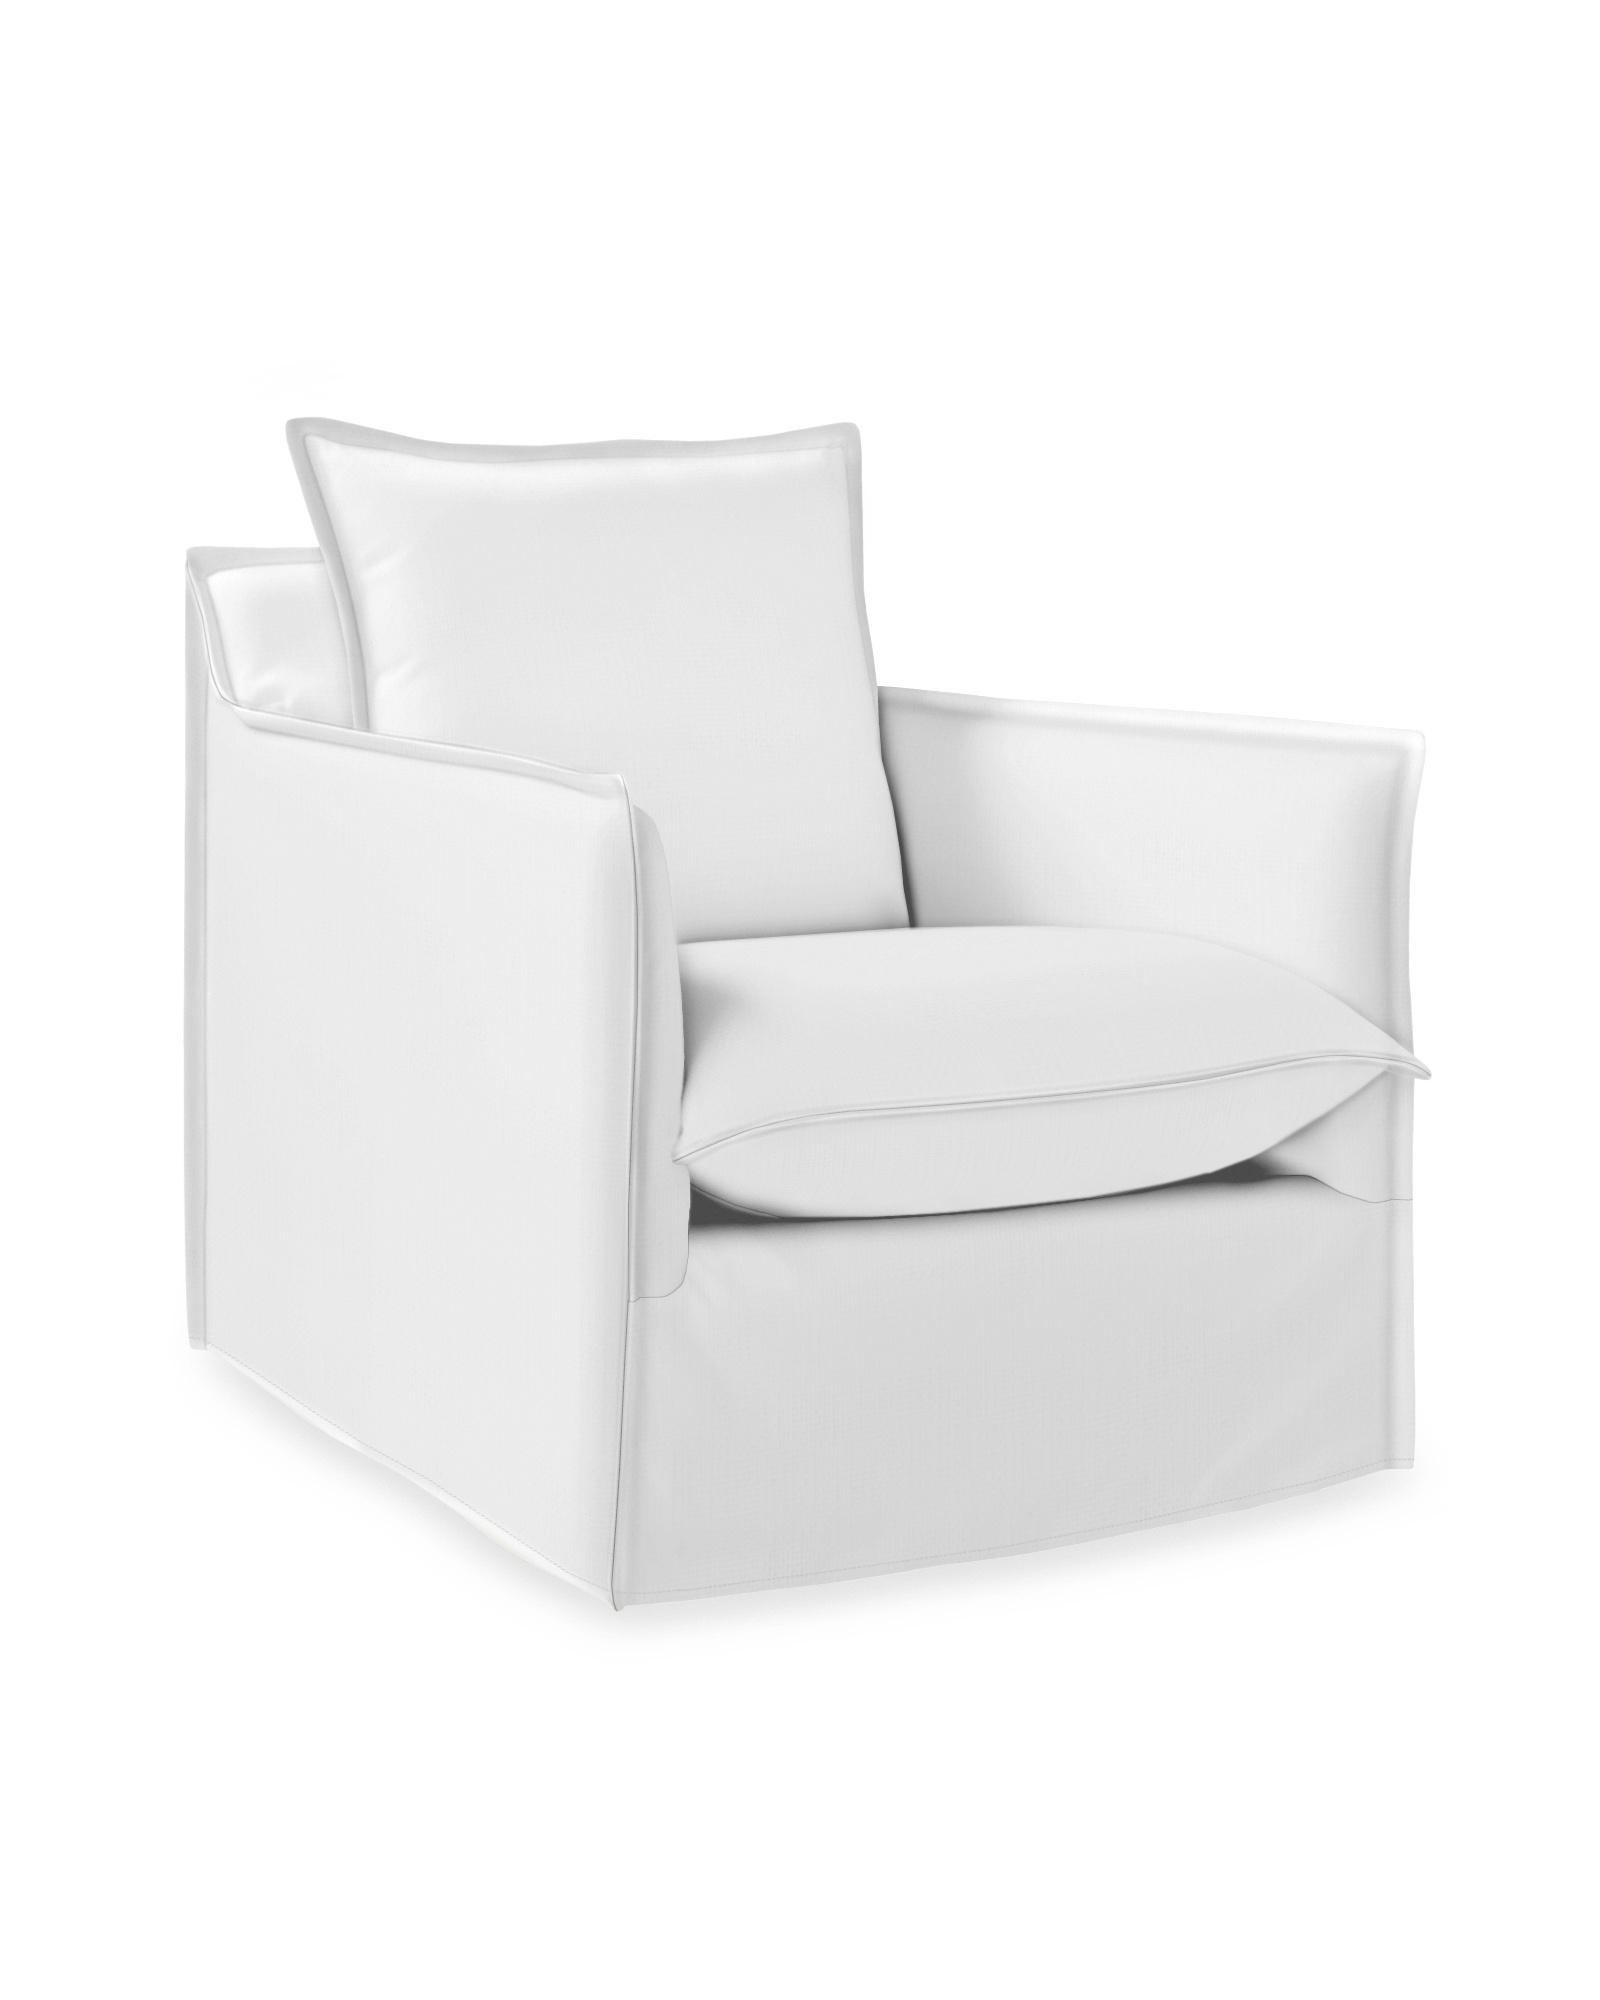 Sundial Outdoor Swivel Chair - Slipcovered